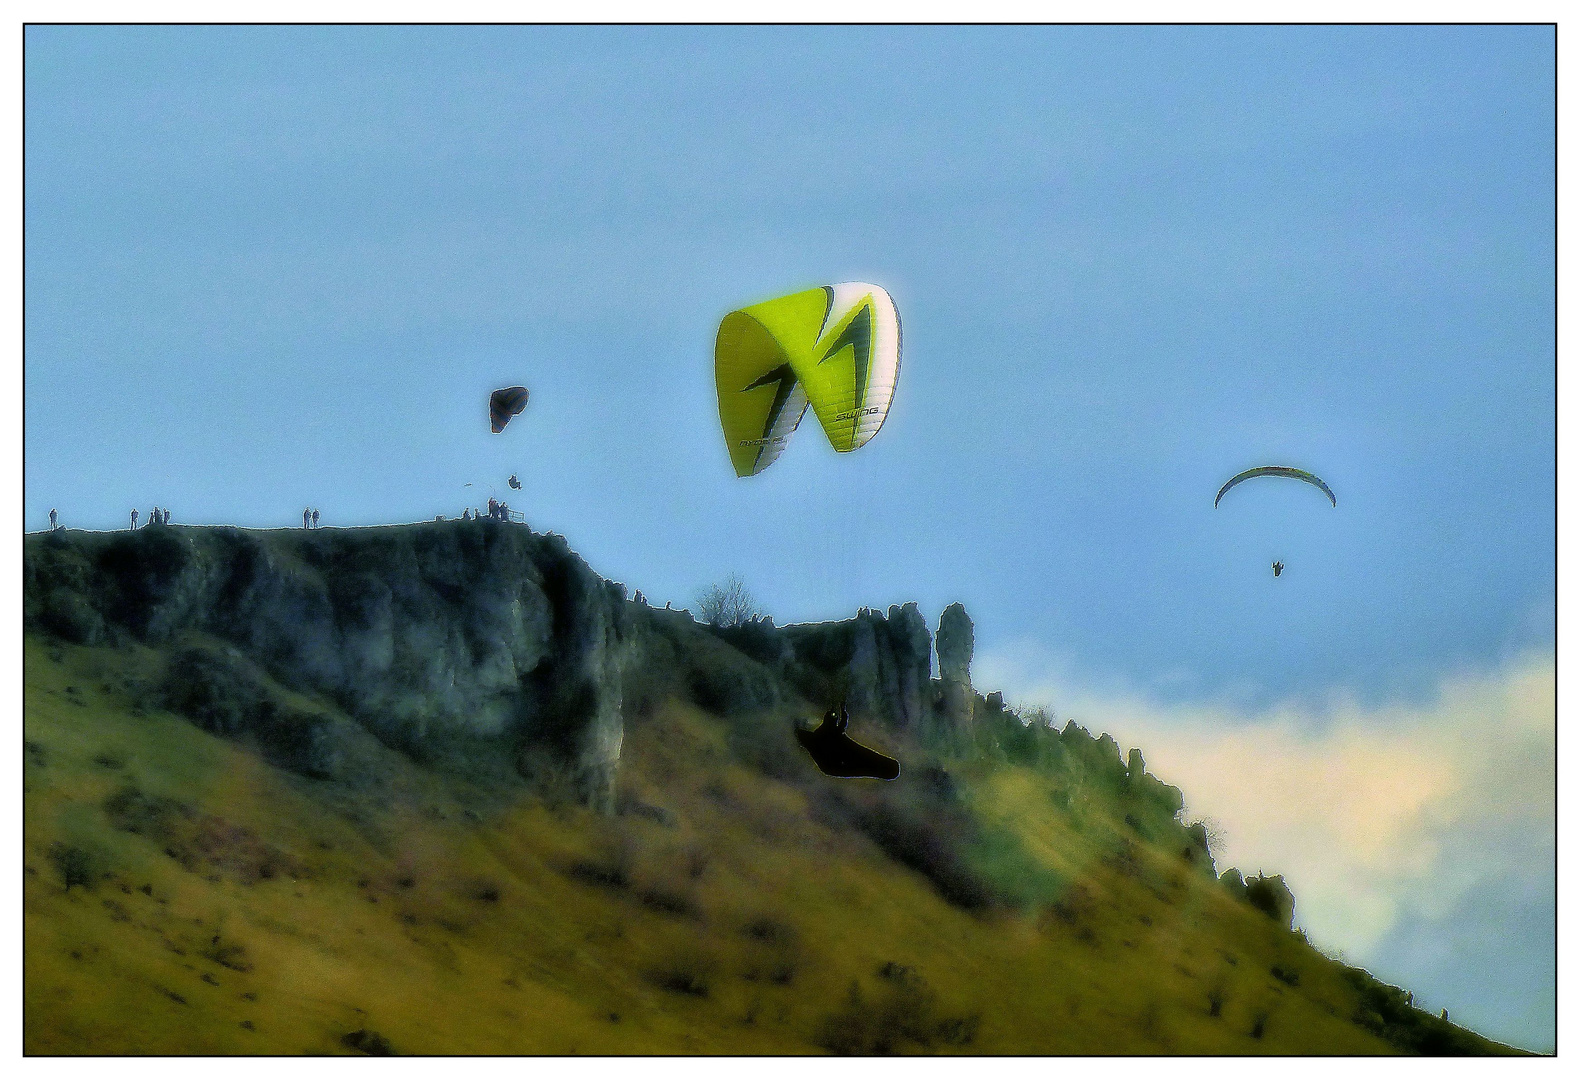 Die Drachenflieger vom Walberla